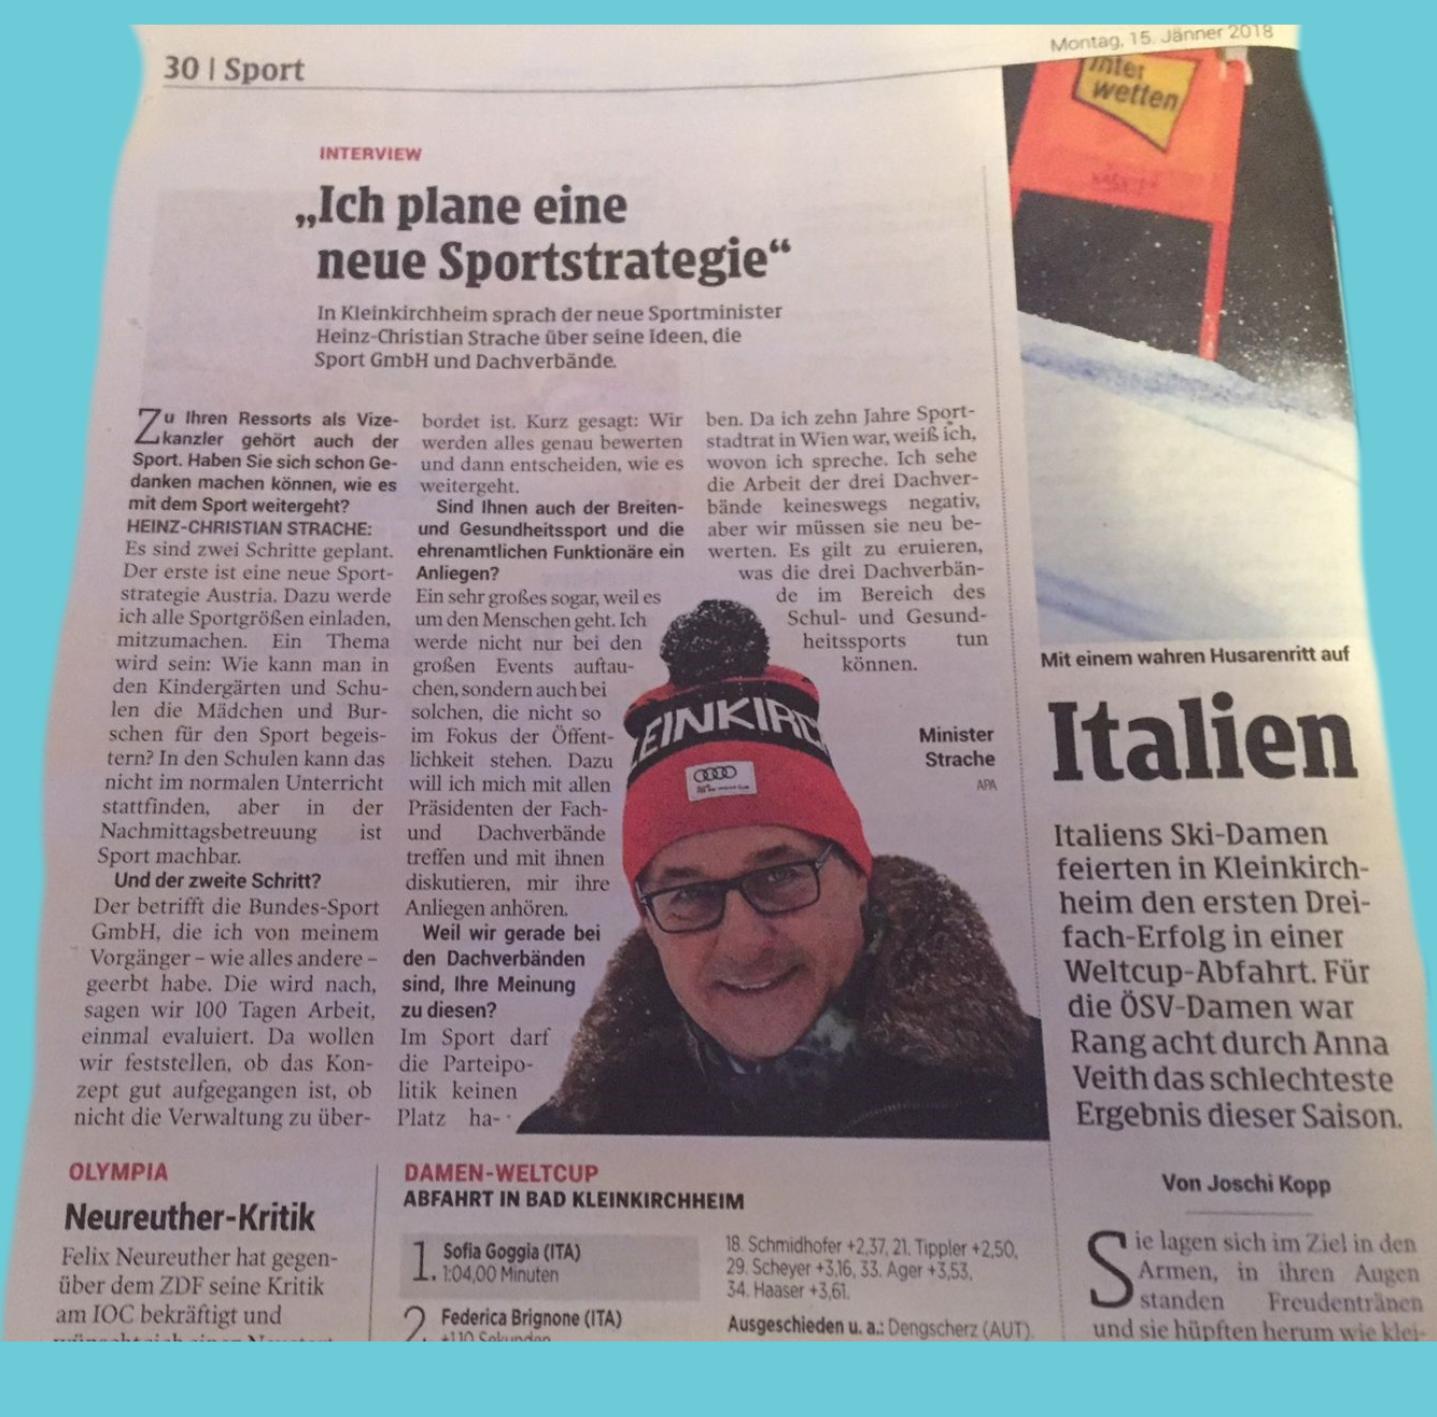 Vizekanzler Strache - Da ich zehn Jahre Sportstadtrat in Wien war - Jänner 15 - 2018 - Kleine Zeitung